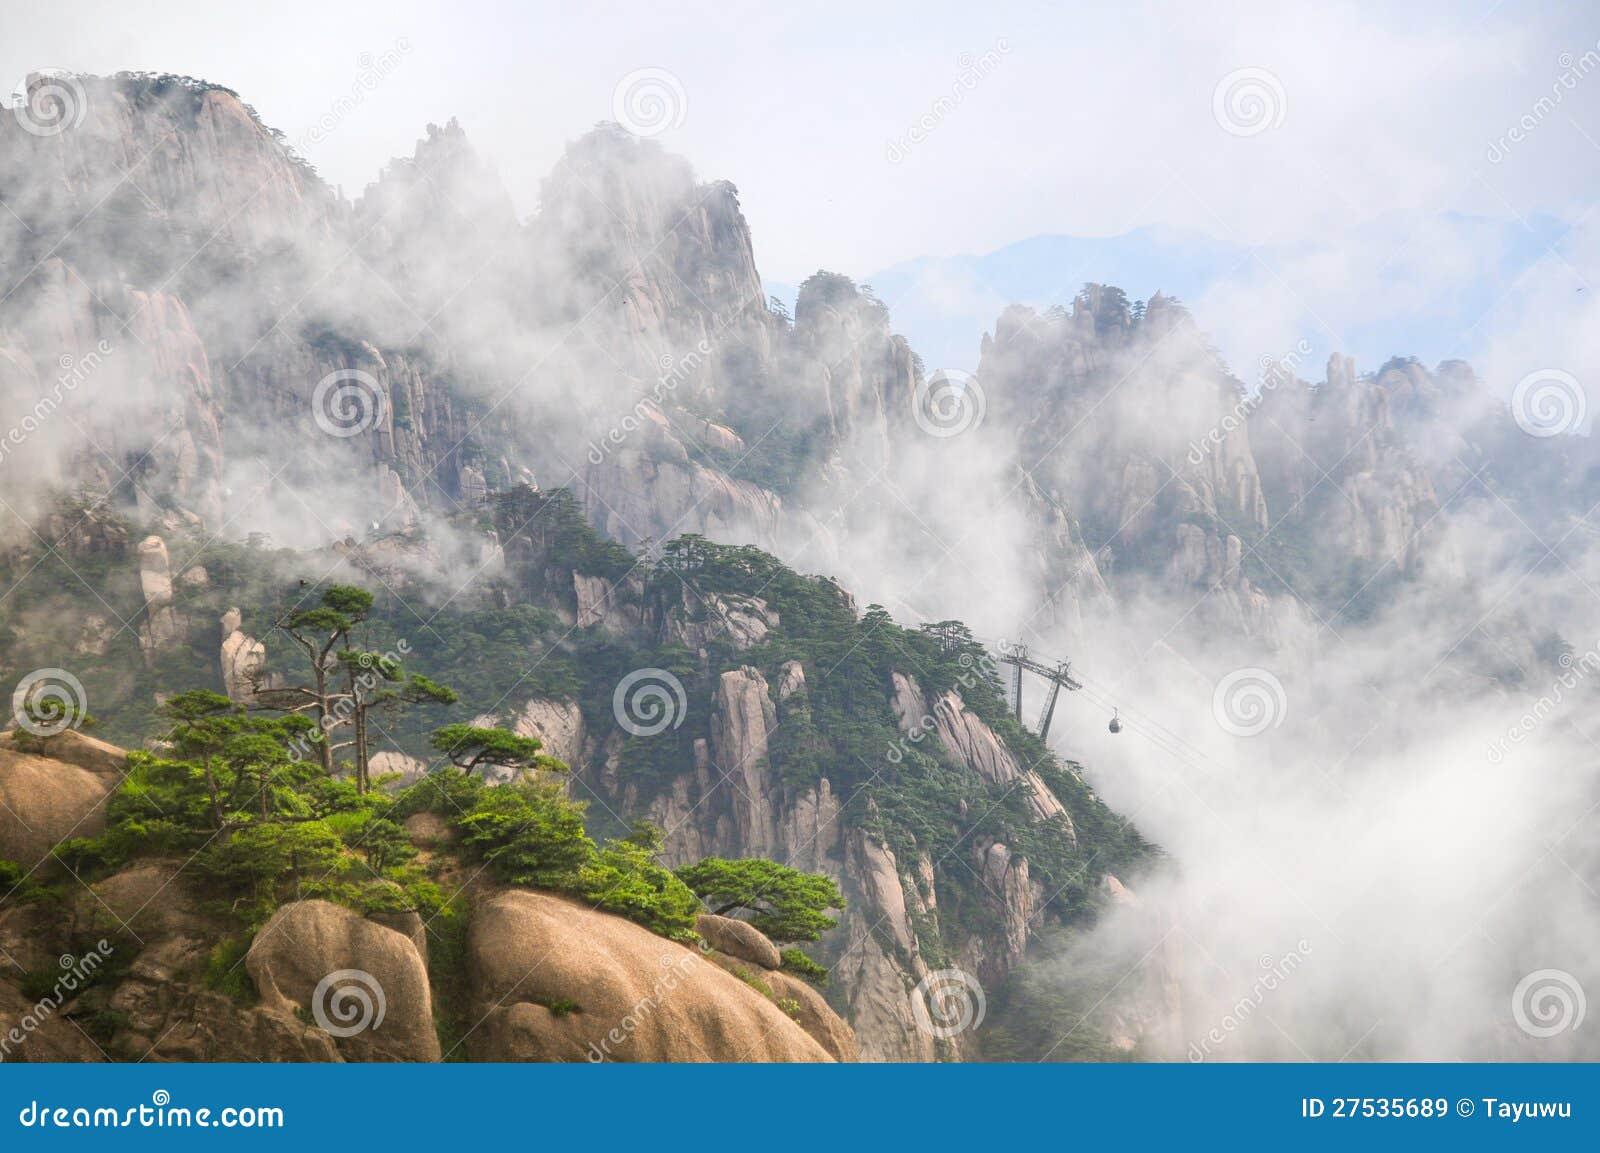 黄色山(黄掸人)是一处非常著名自然风景在中国